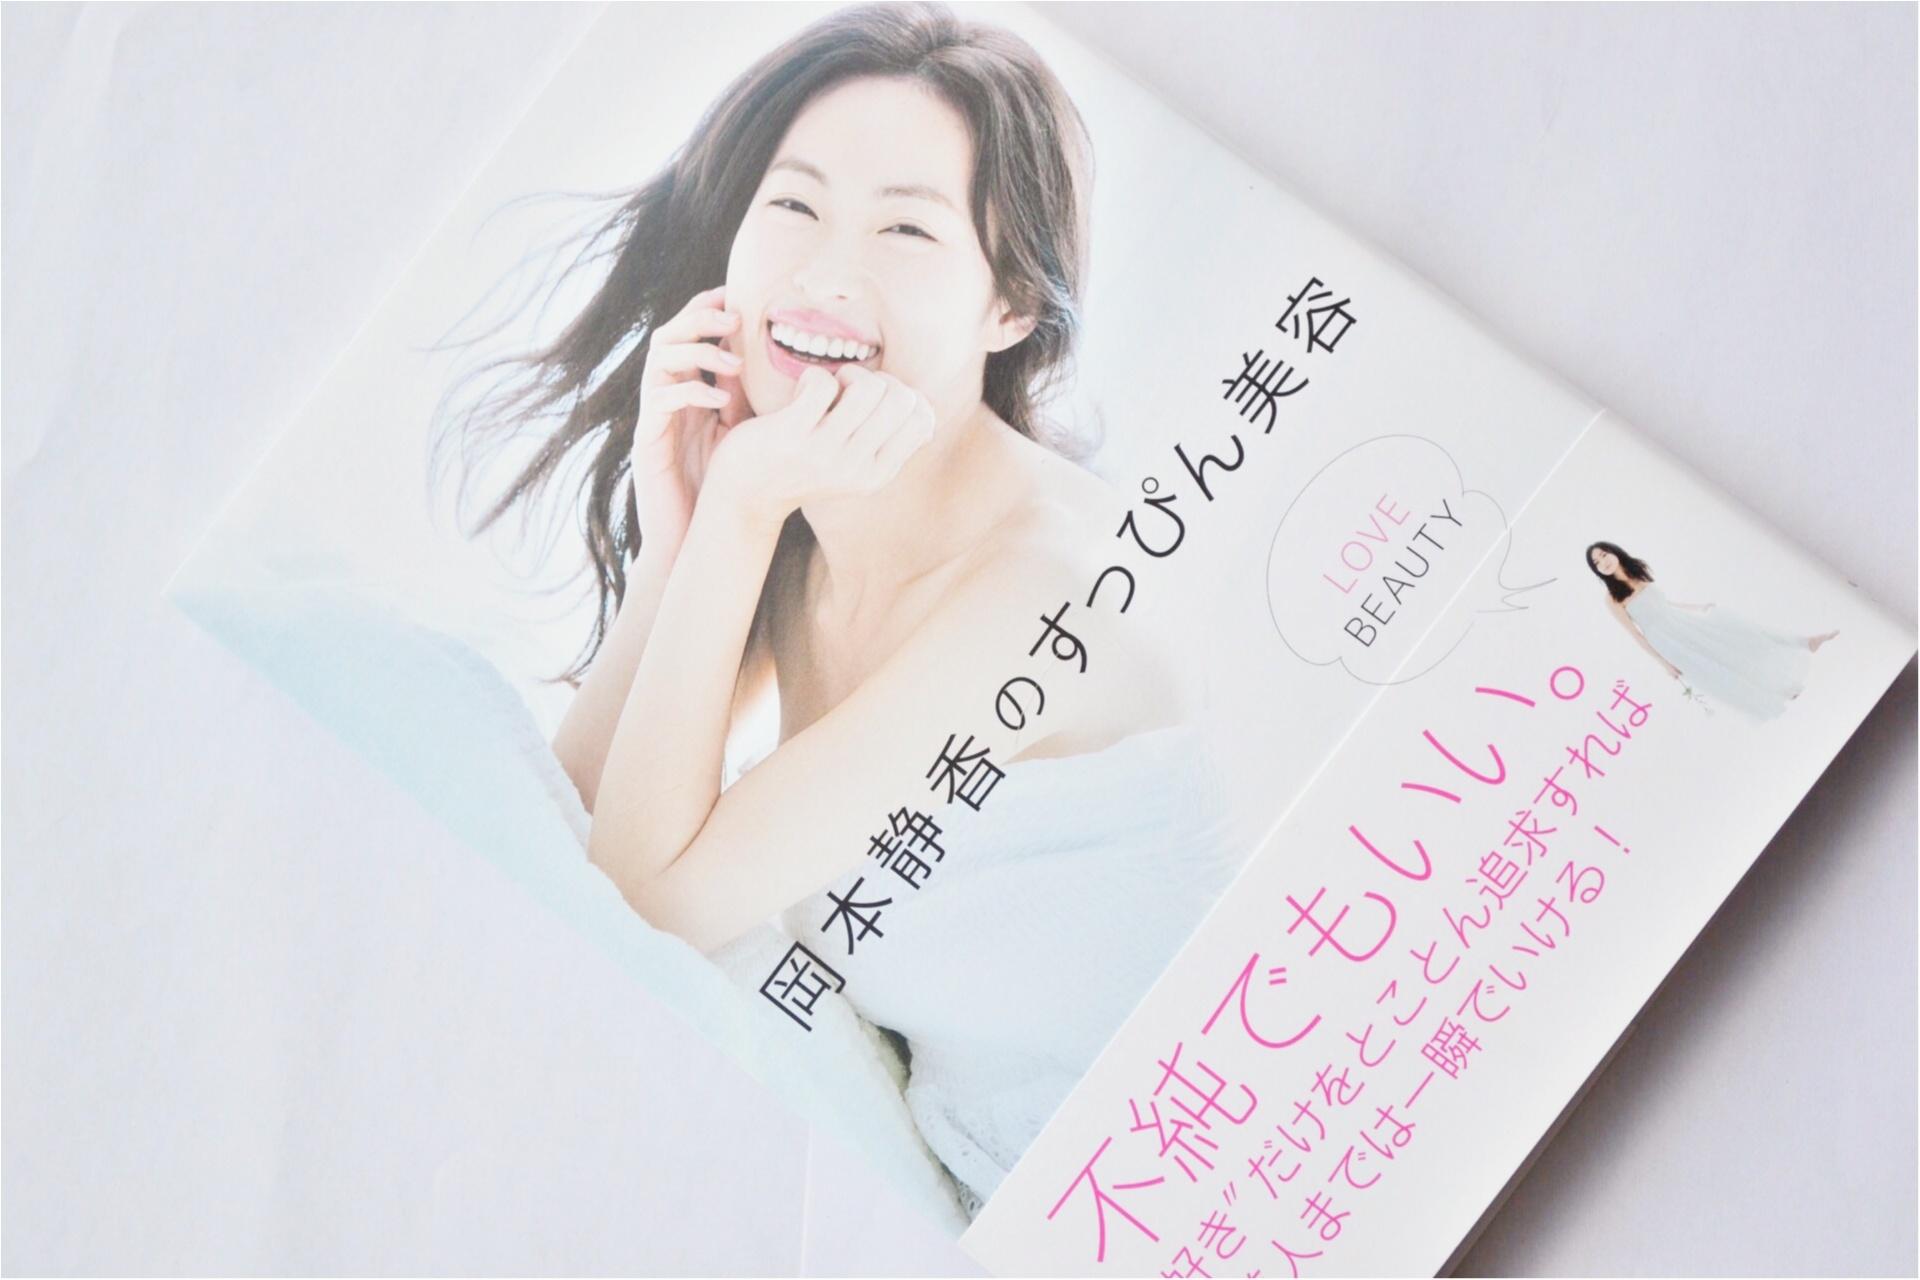 必要なことはわたしの肌が教えてくれる♡岡本静香さんに学んだ3つの美のヒント*゚+゚*゚_1